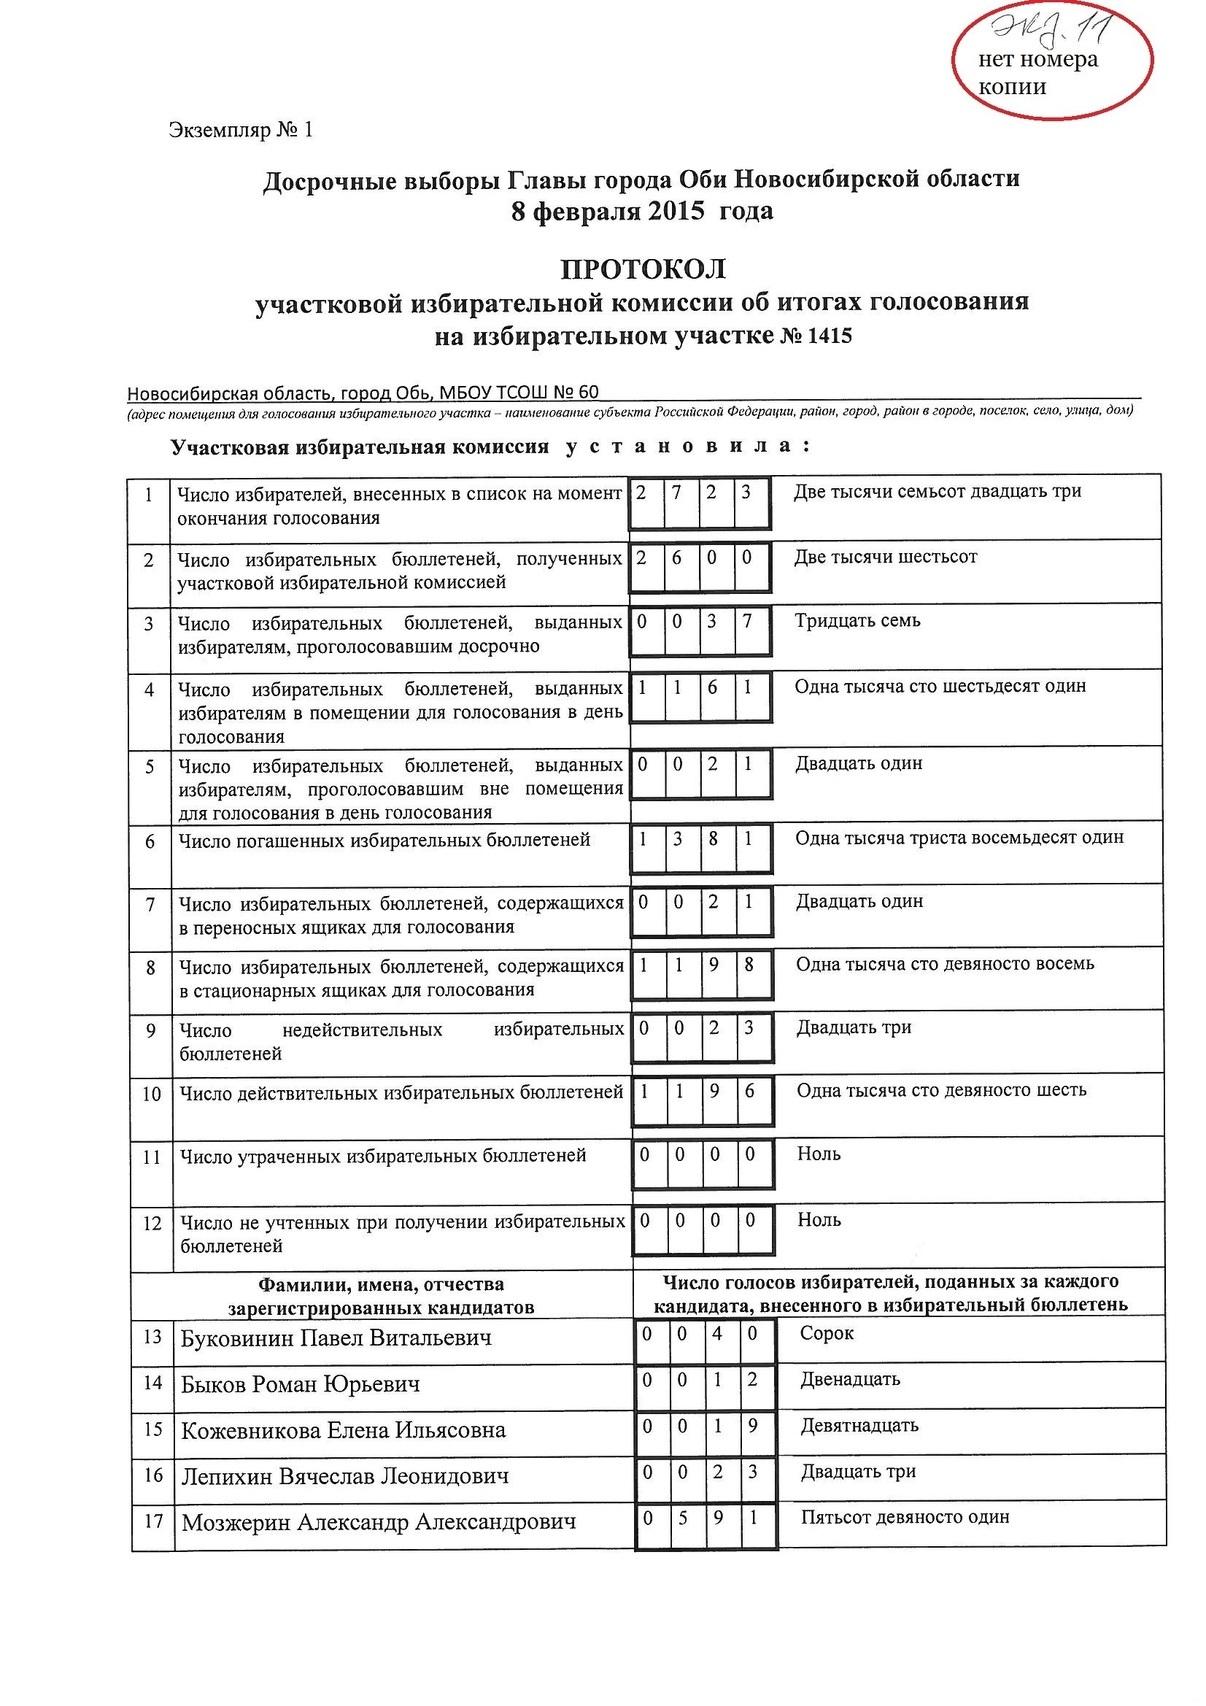 УИК №1415_1